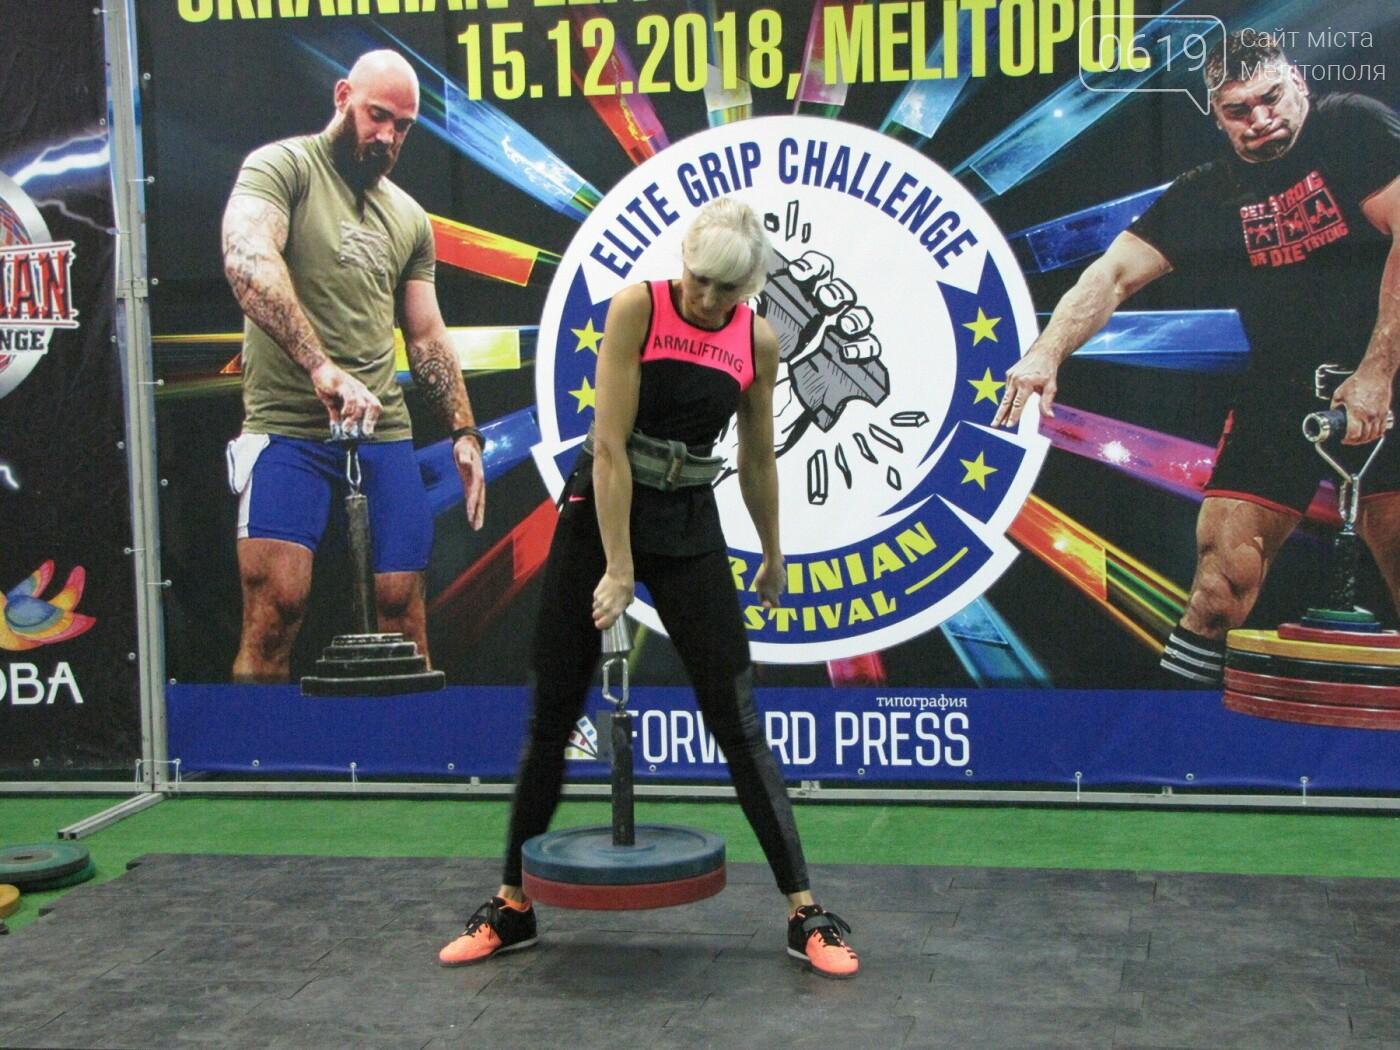 В Мелитополе сильнейшие атлеты соревновались в силе хвата, фото-33